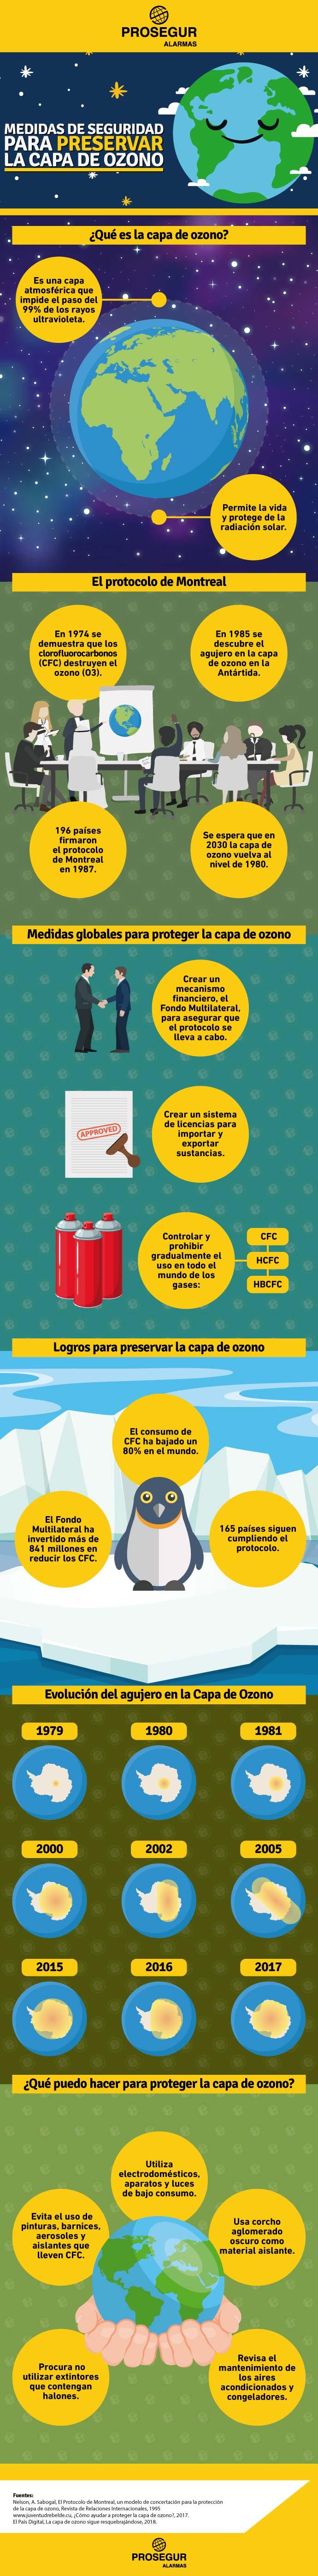 proteger la capa de ozono